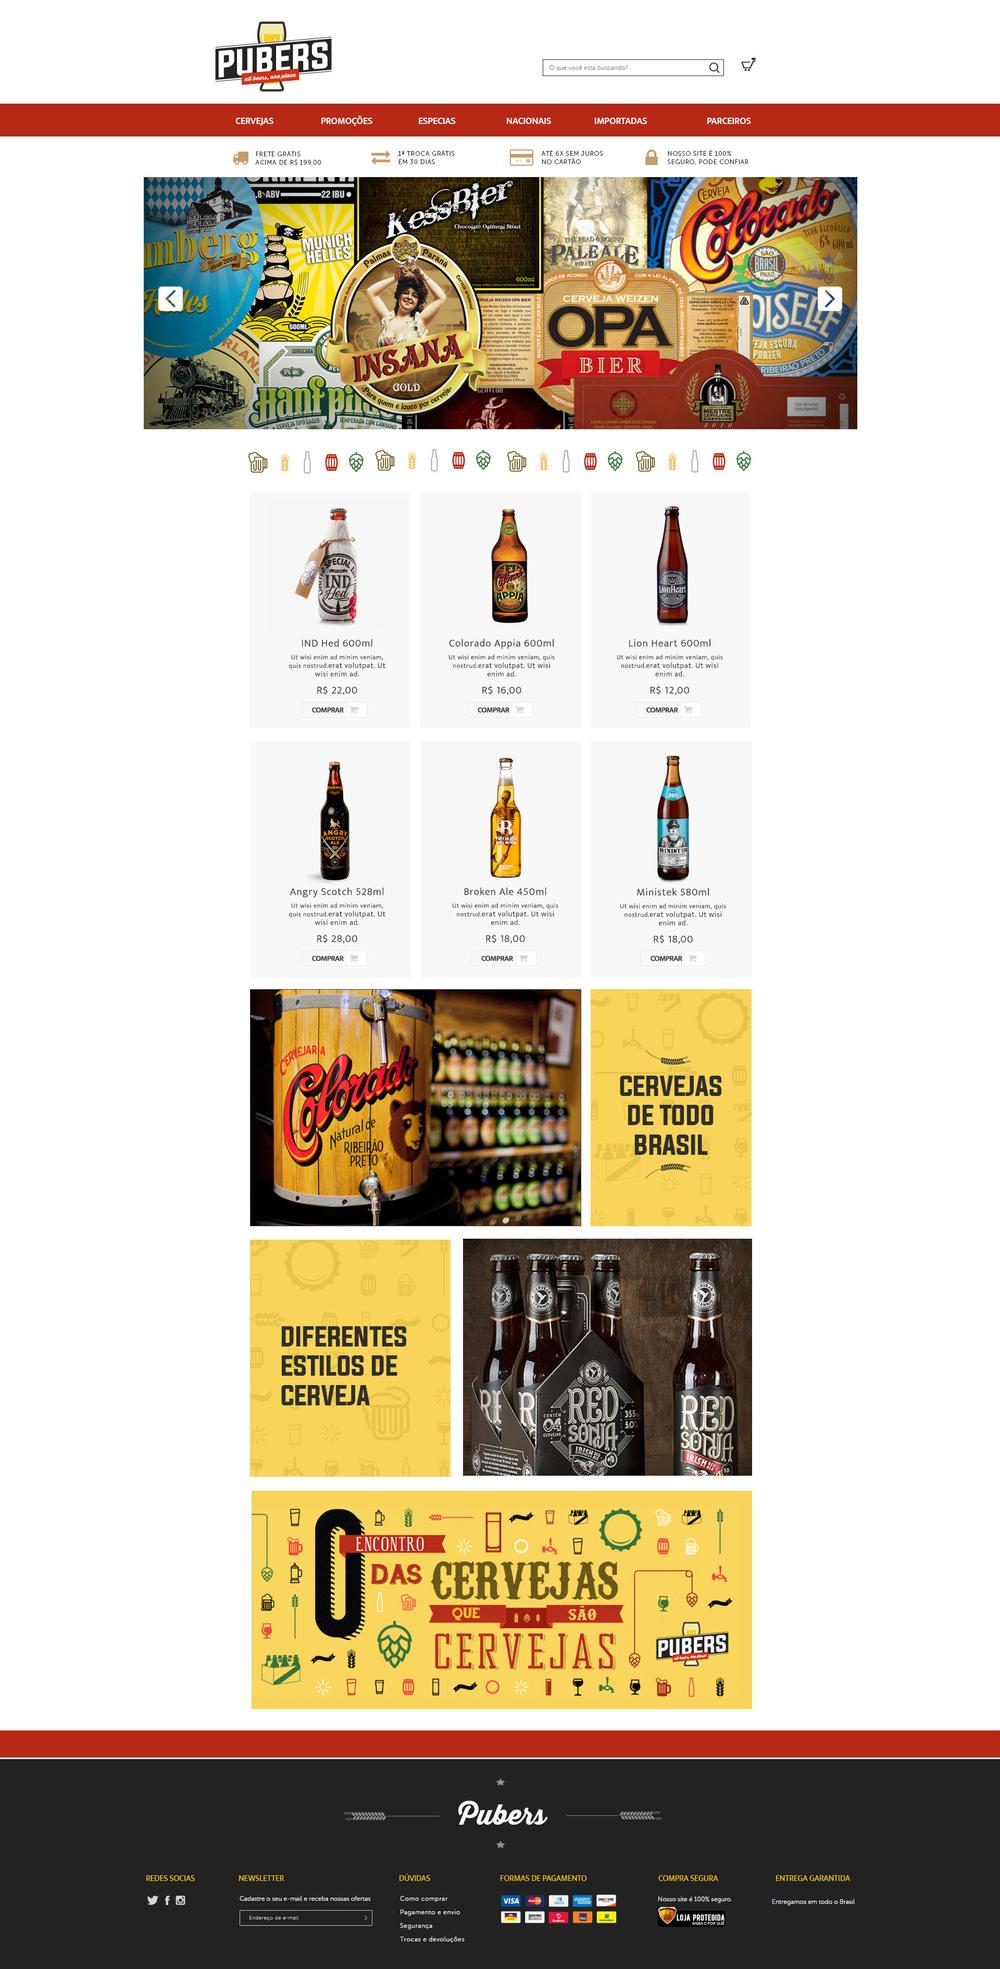 O espaço tem a proposta de ser uma nova forma de consumir cerveja online. Para acessá-lo clique na imagem